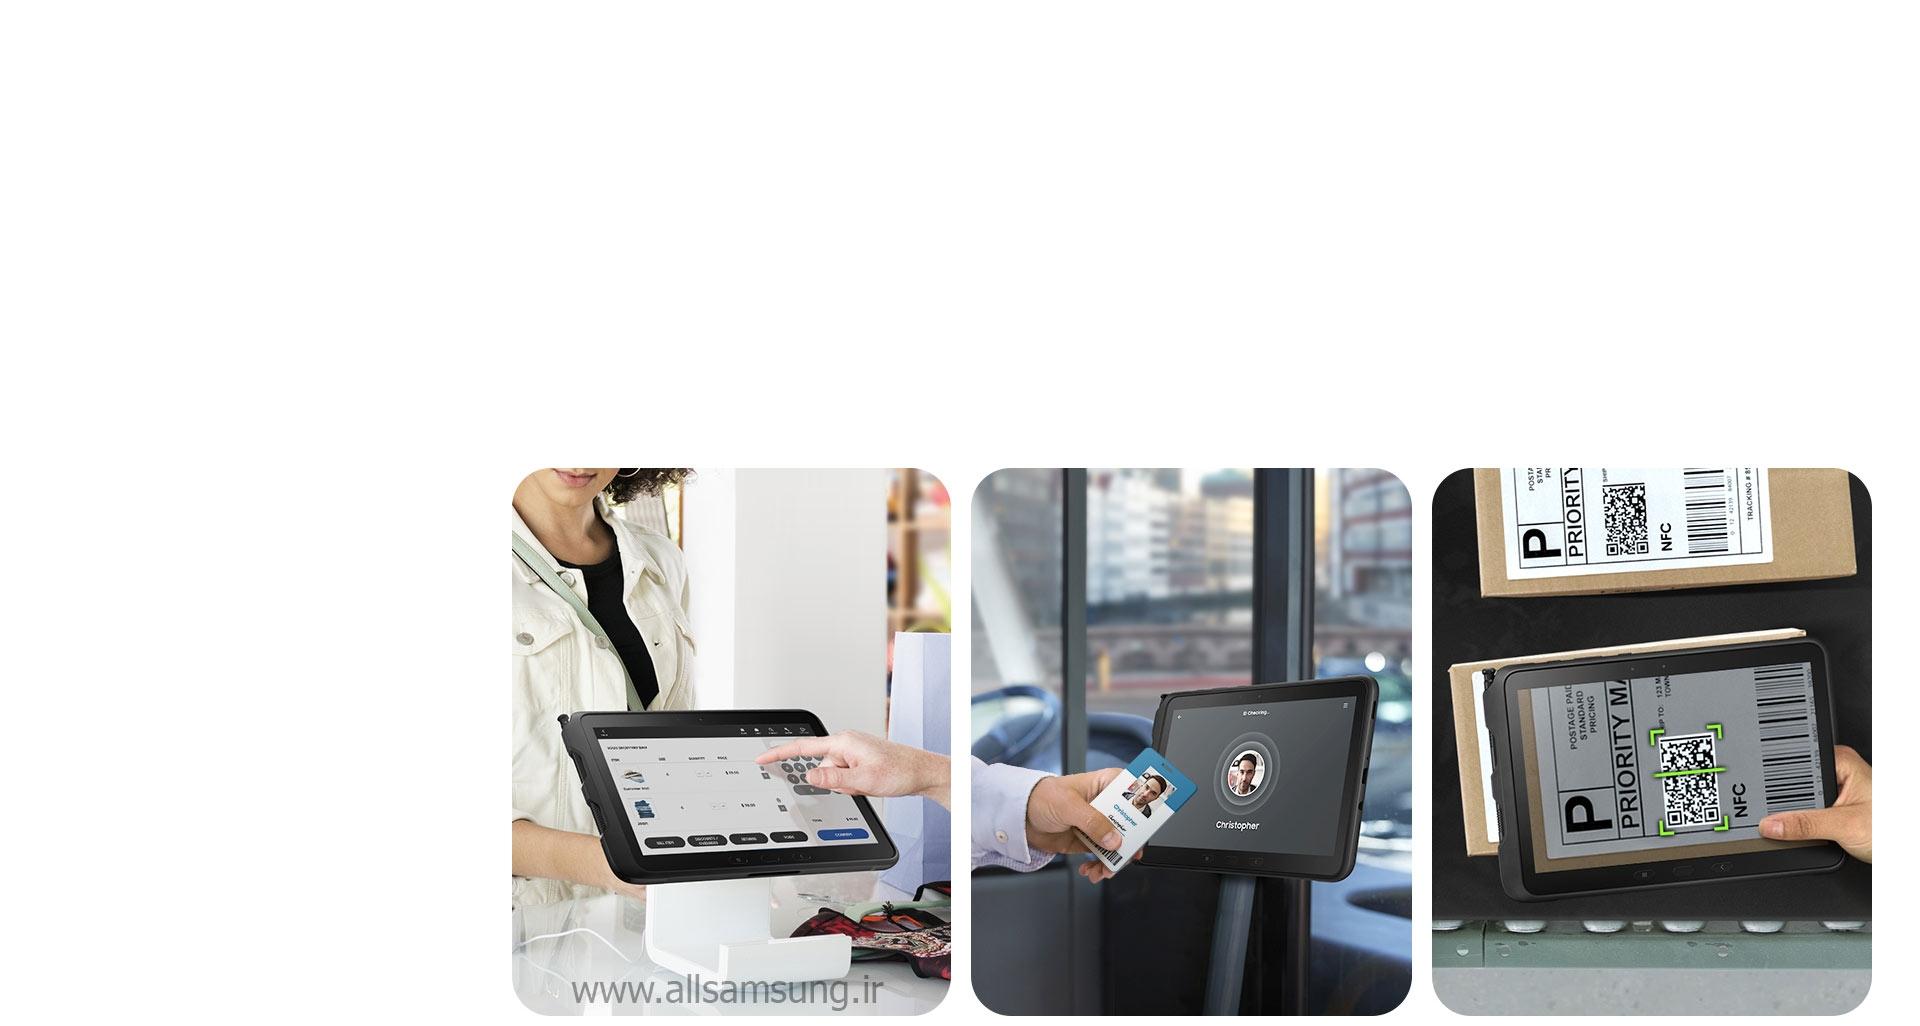 برقراری ارتباط میان دستگاه ها